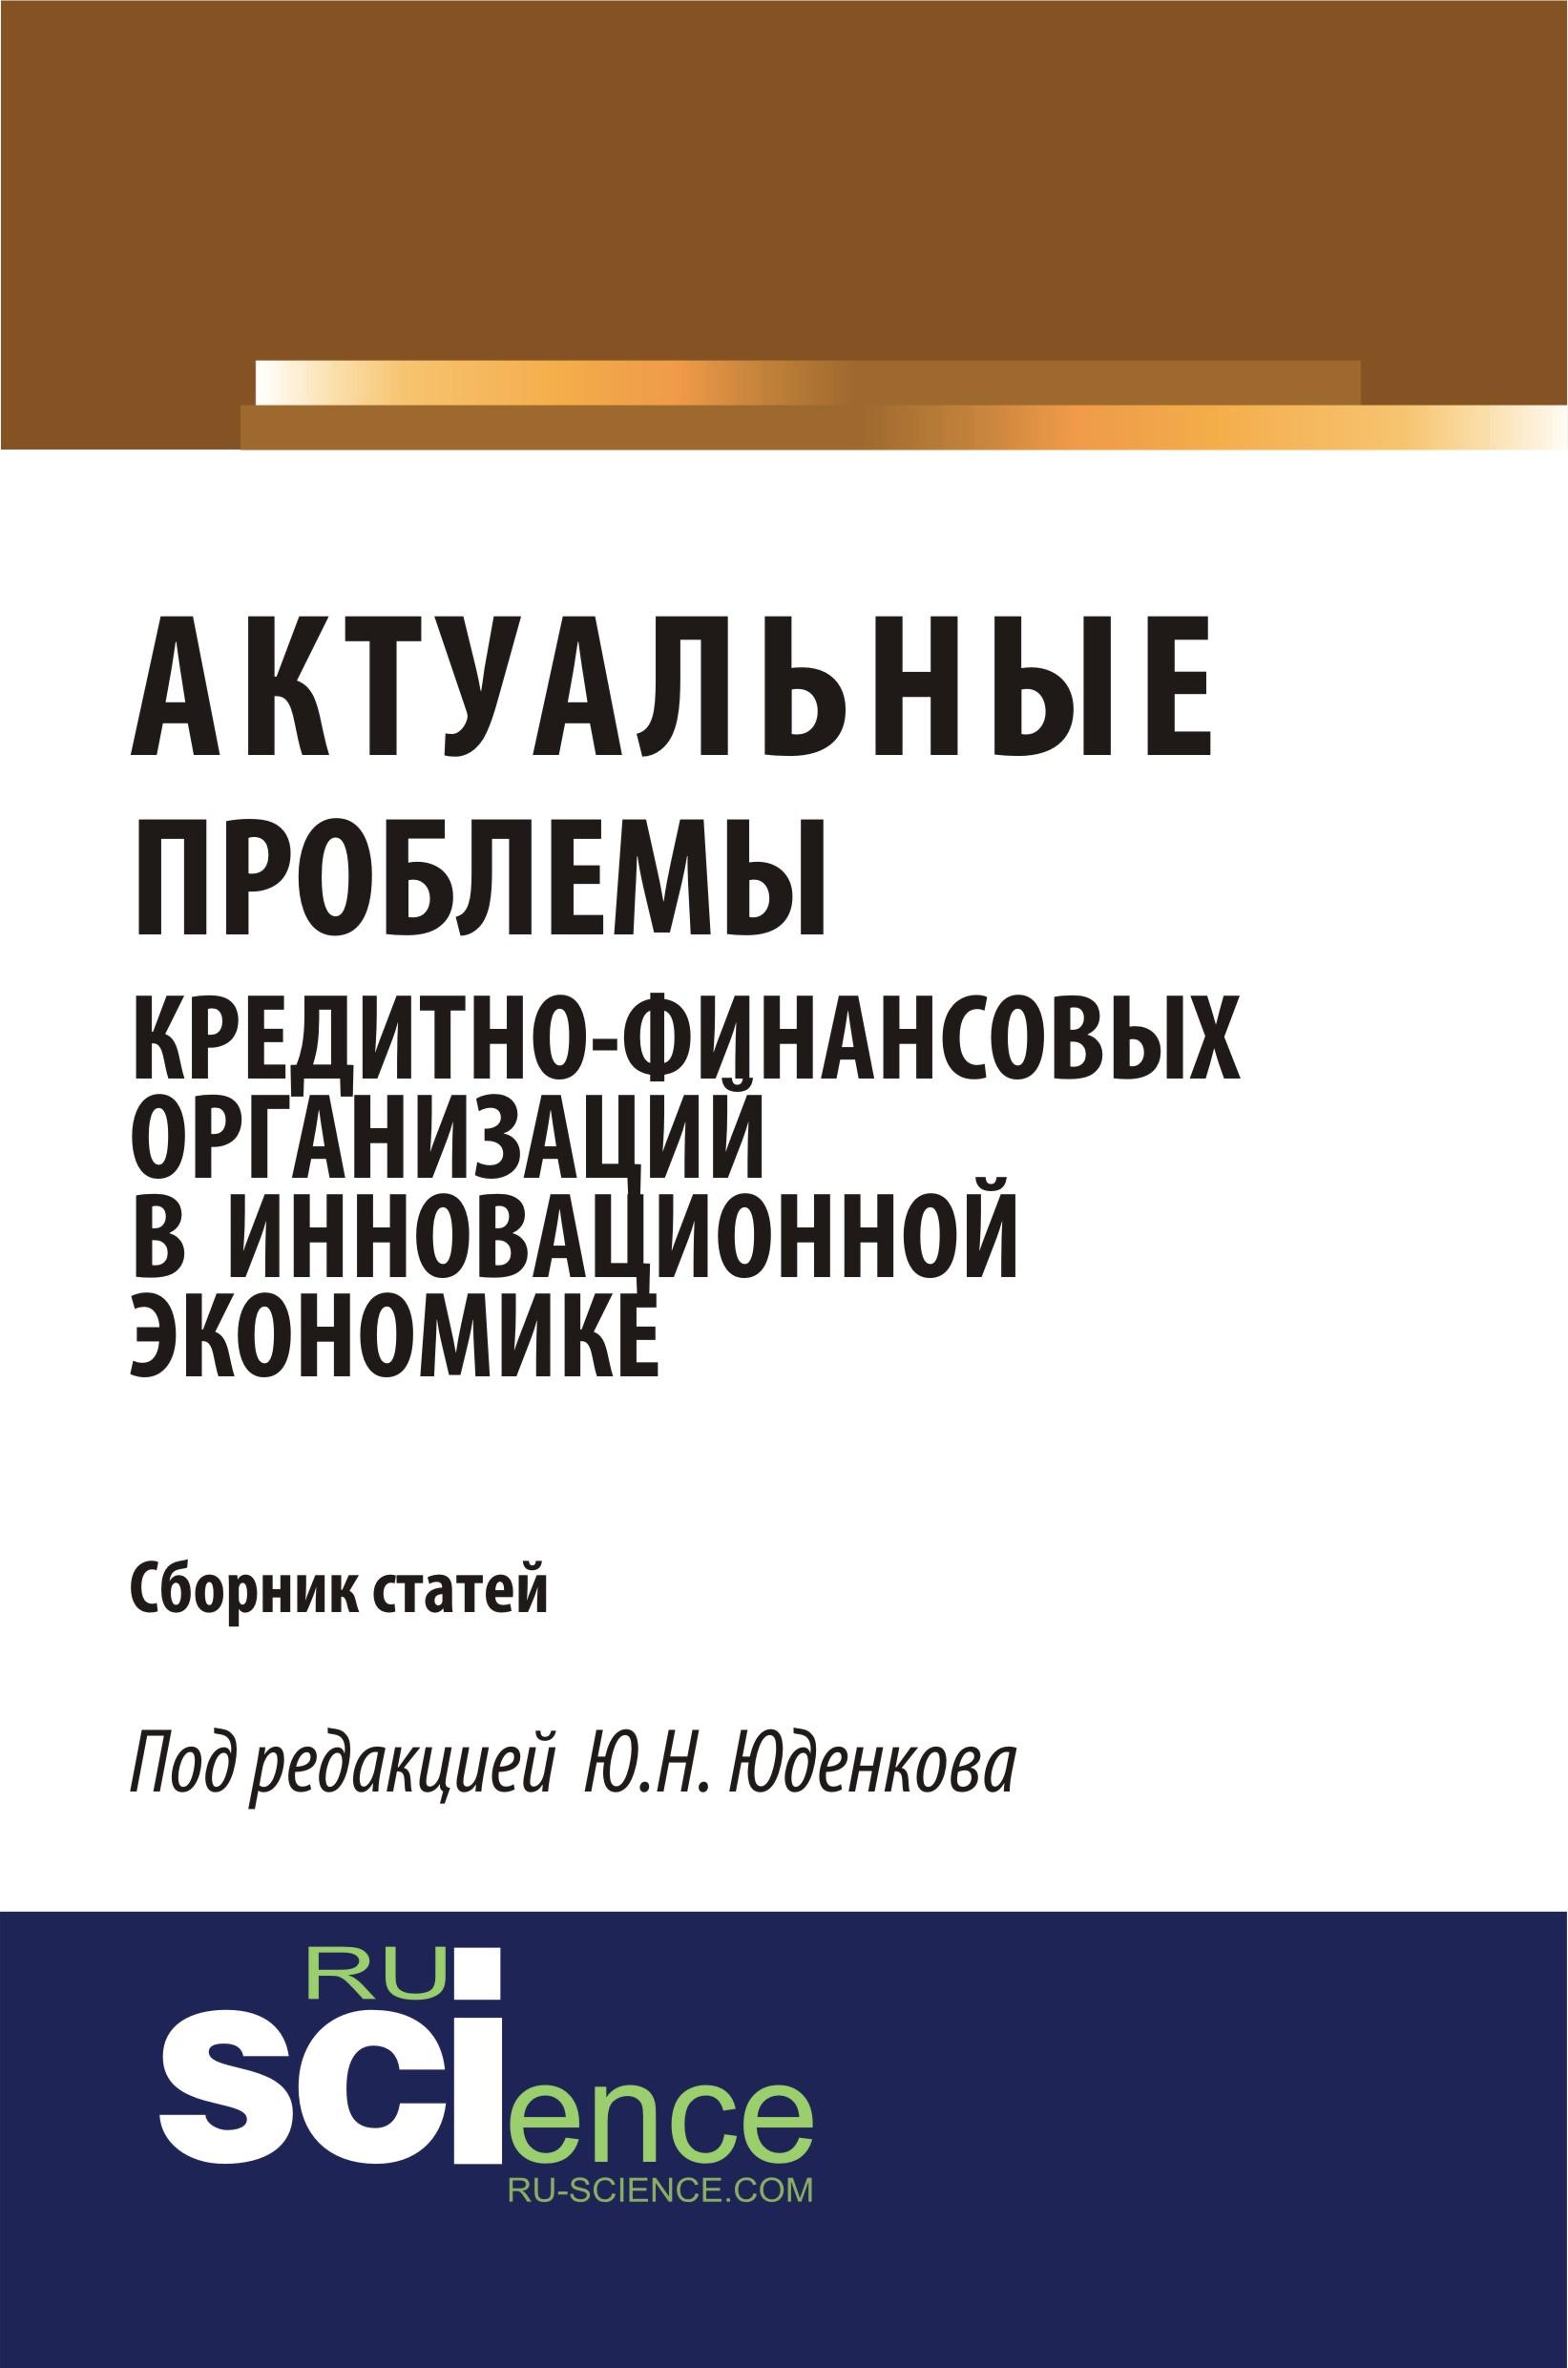 Сборник статей Актуальные проблемы кредитно-финансовых организаций в инновационной экономике